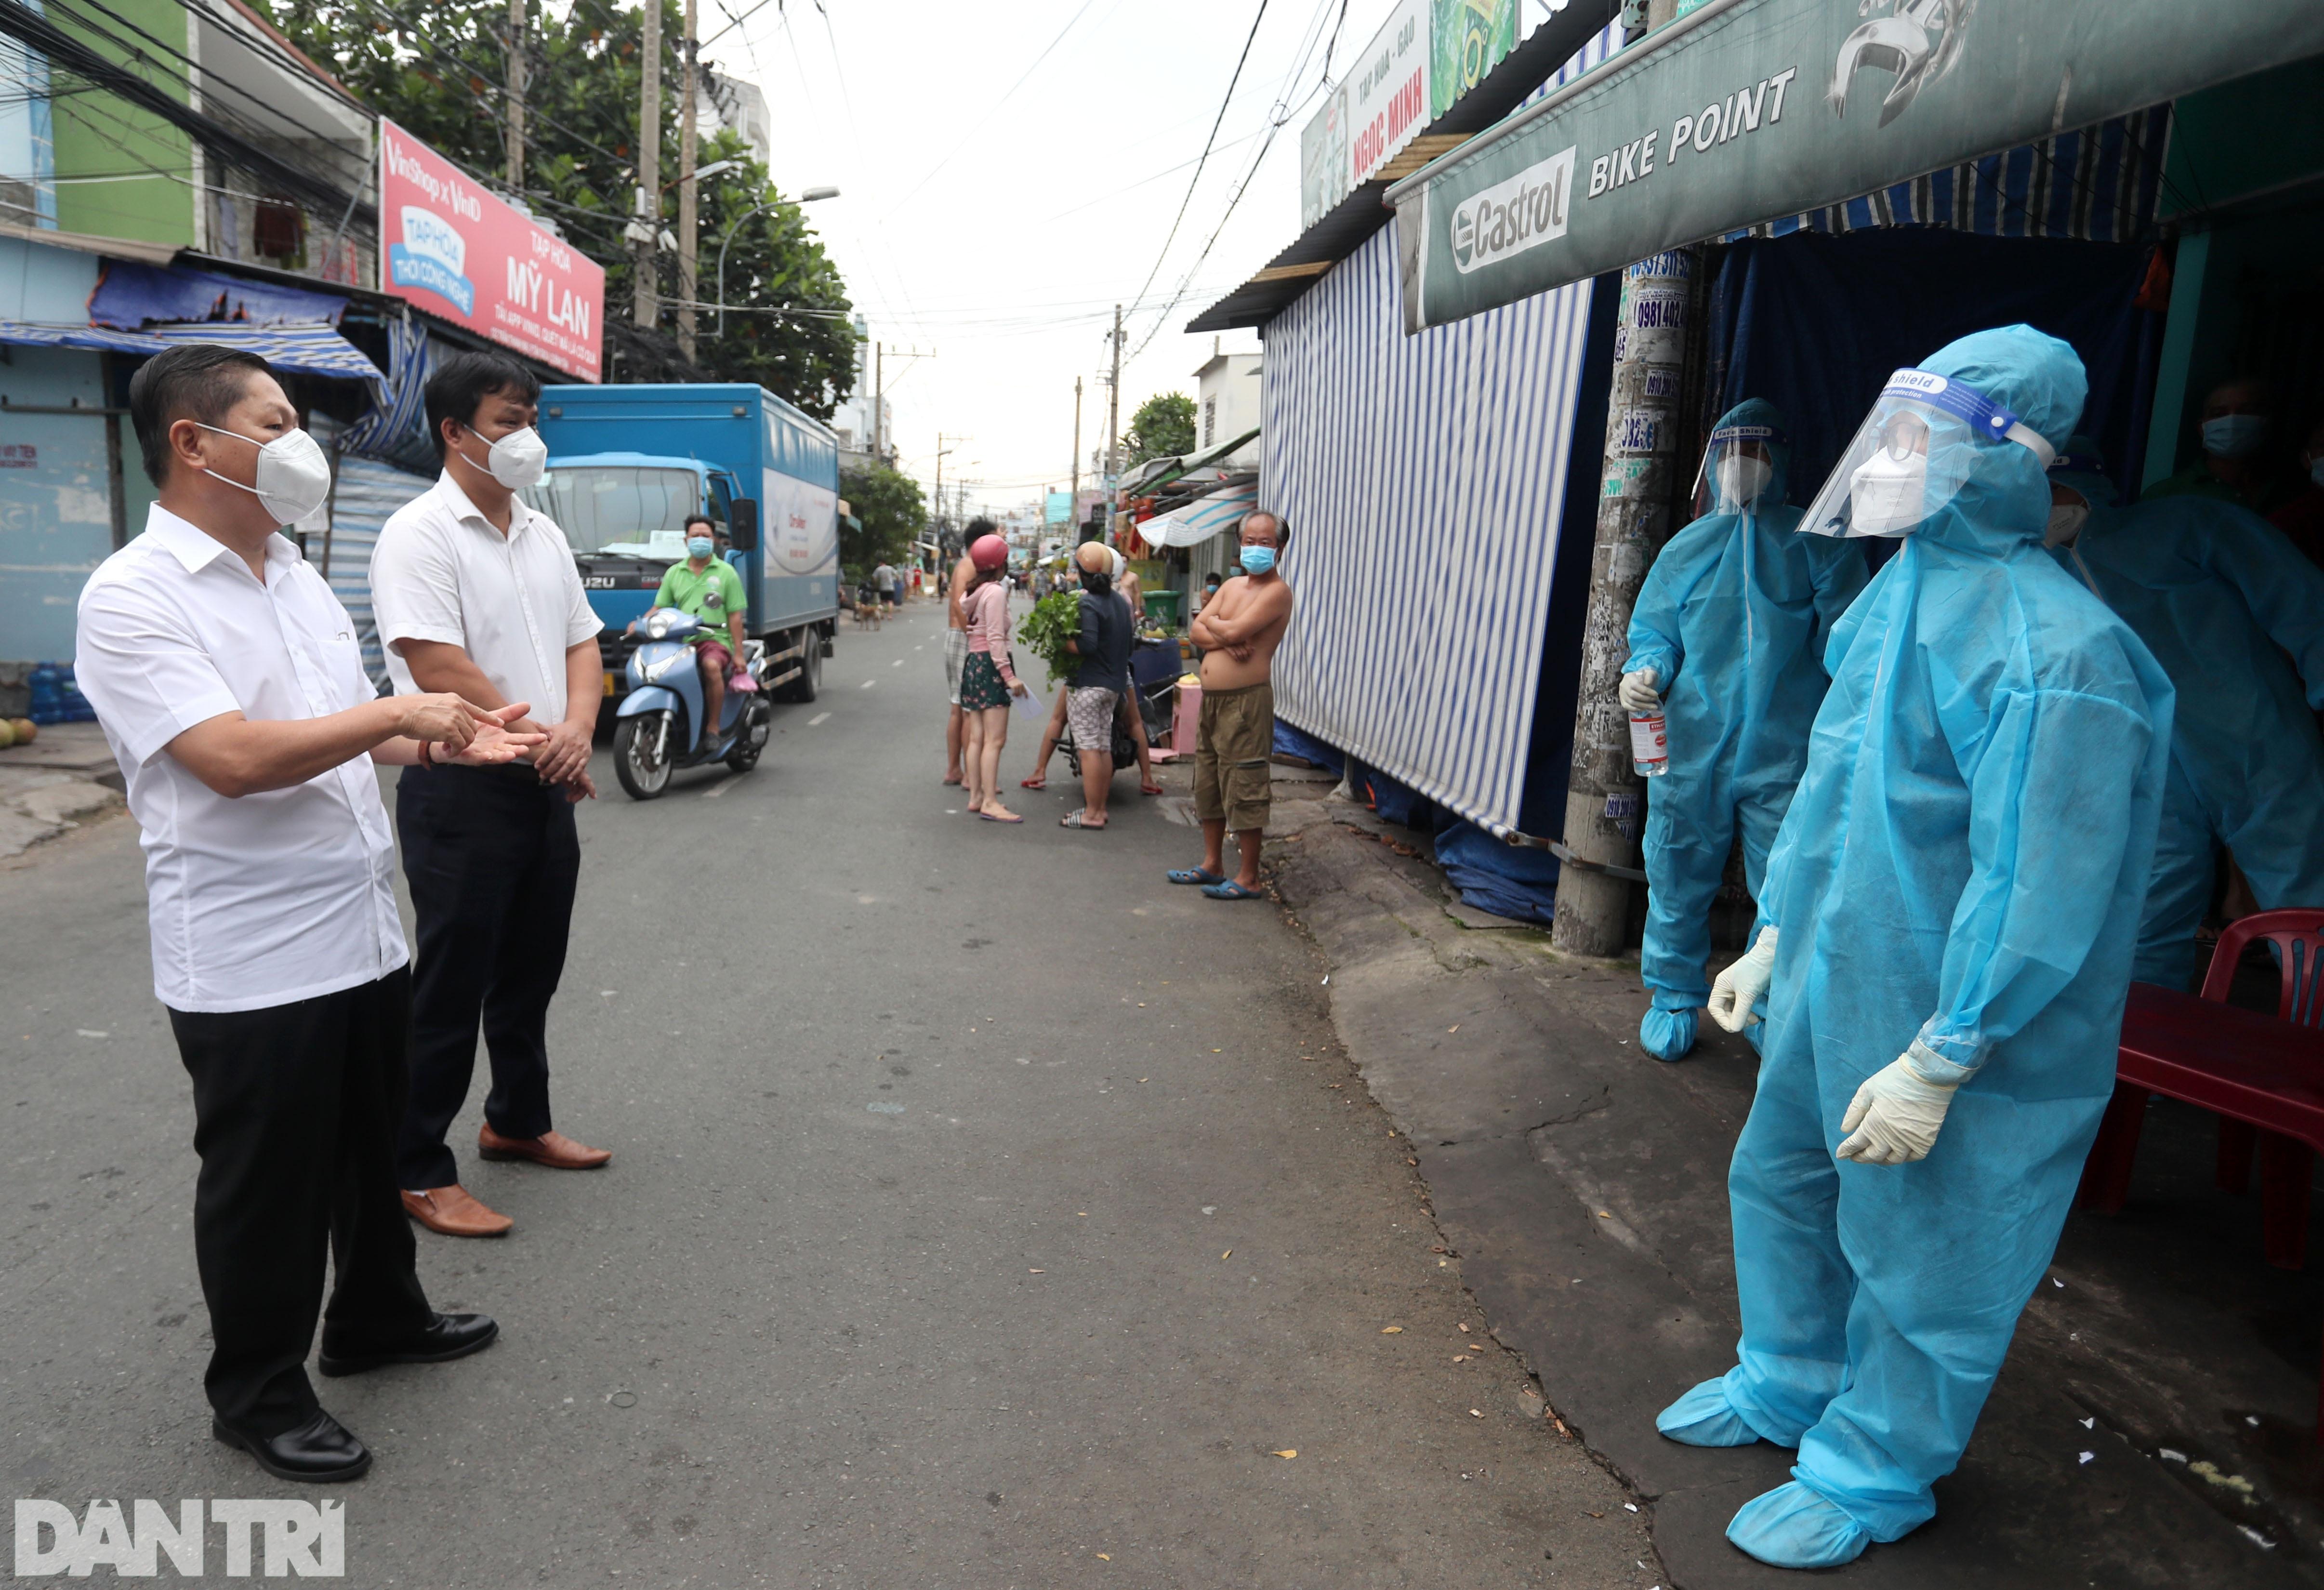 Thứ trưởng Bộ LĐ-TBXH thị sát đời sống người dân tại TPHCM - 9